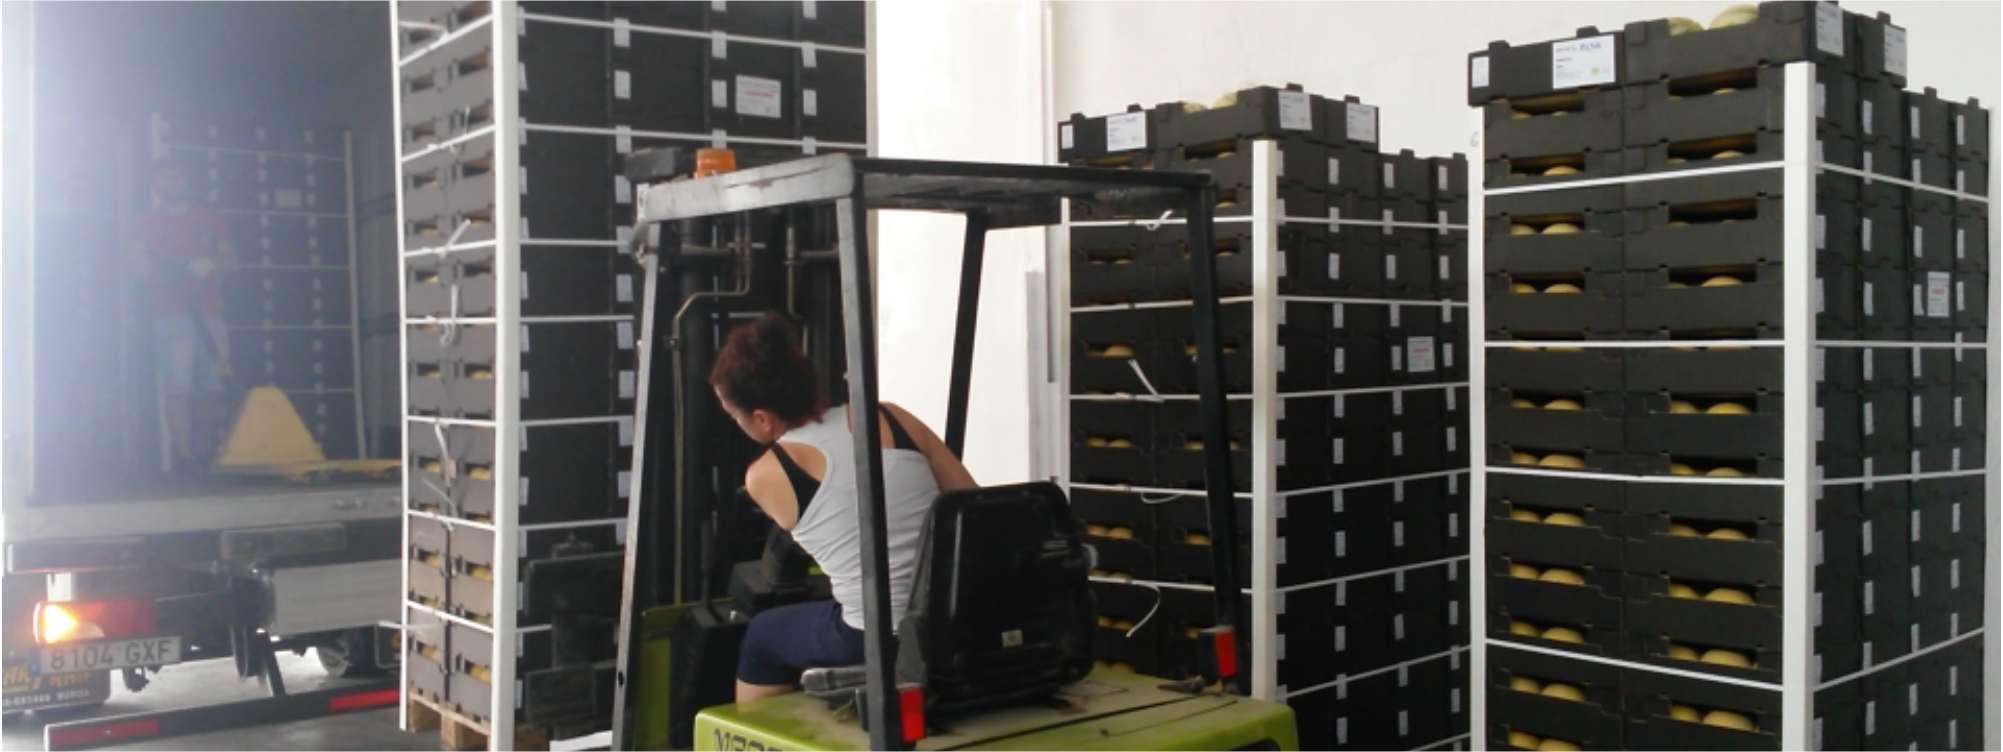 Wij beschikken over de nodige internationale logistieke en -transportcapaciteit